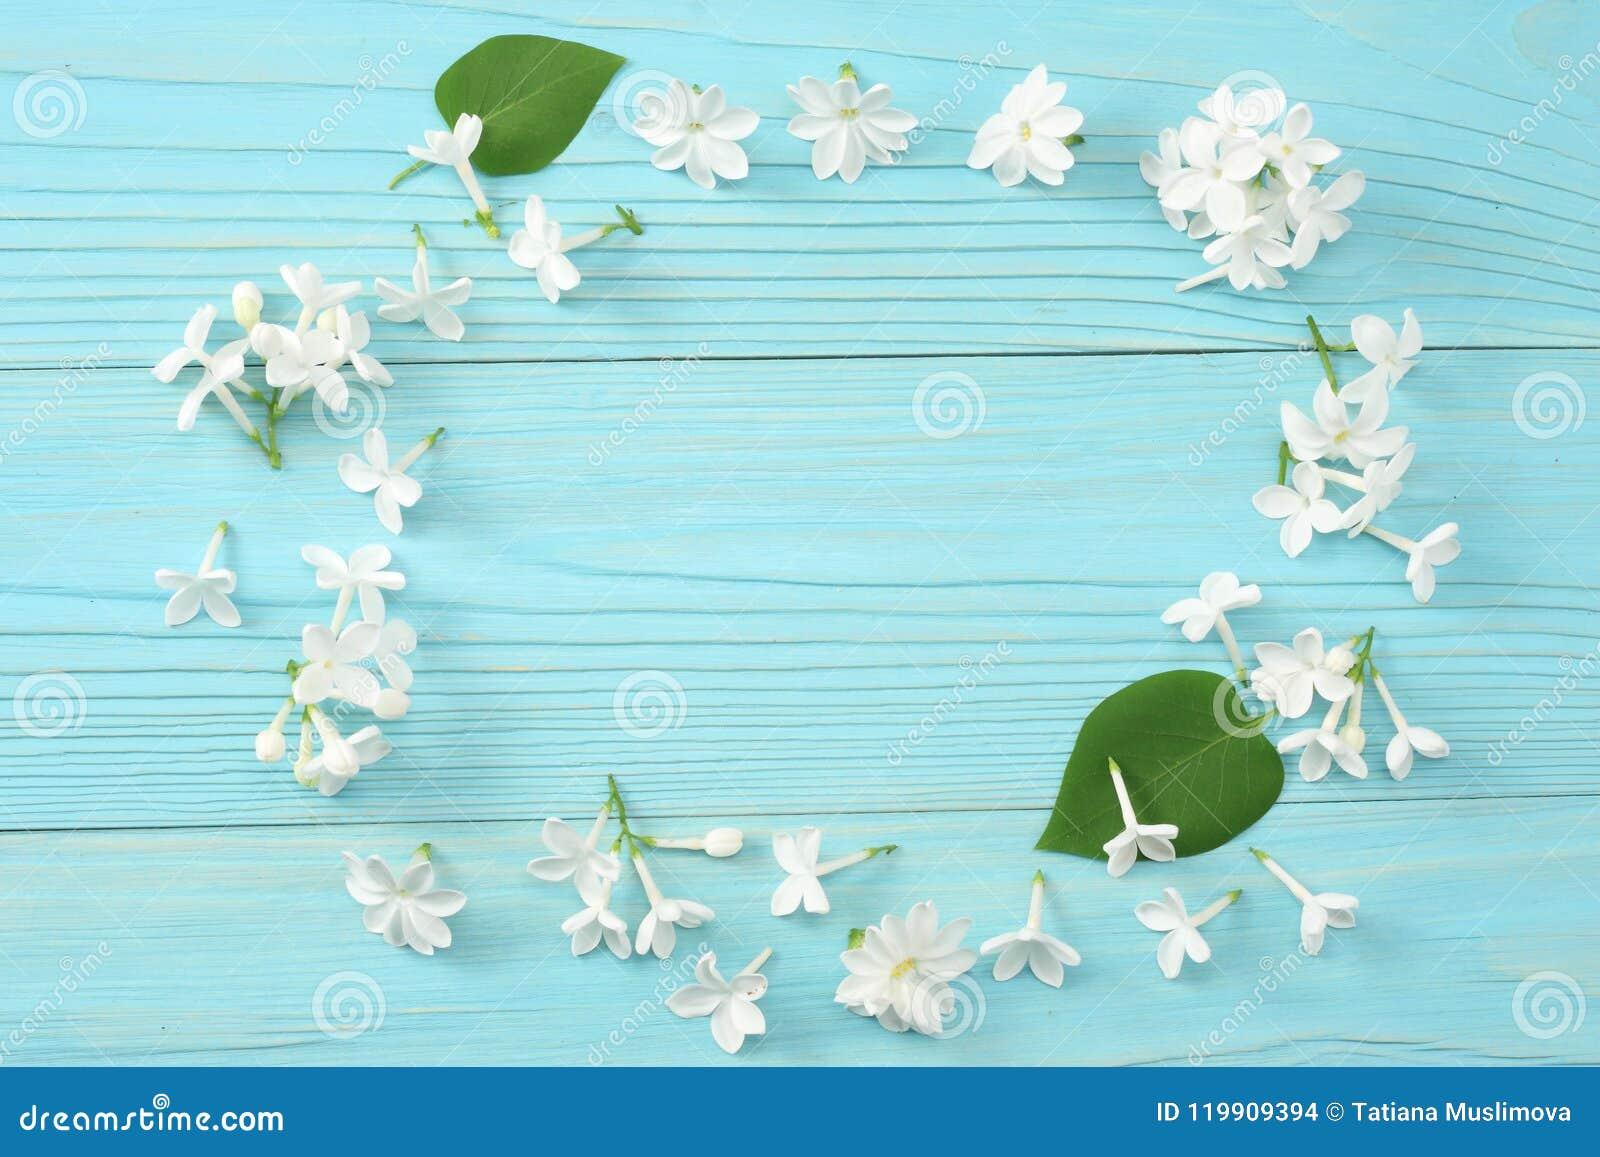 Vit lila blomma på blå träbakgrund Bästa sikt med kopieringsutrymme